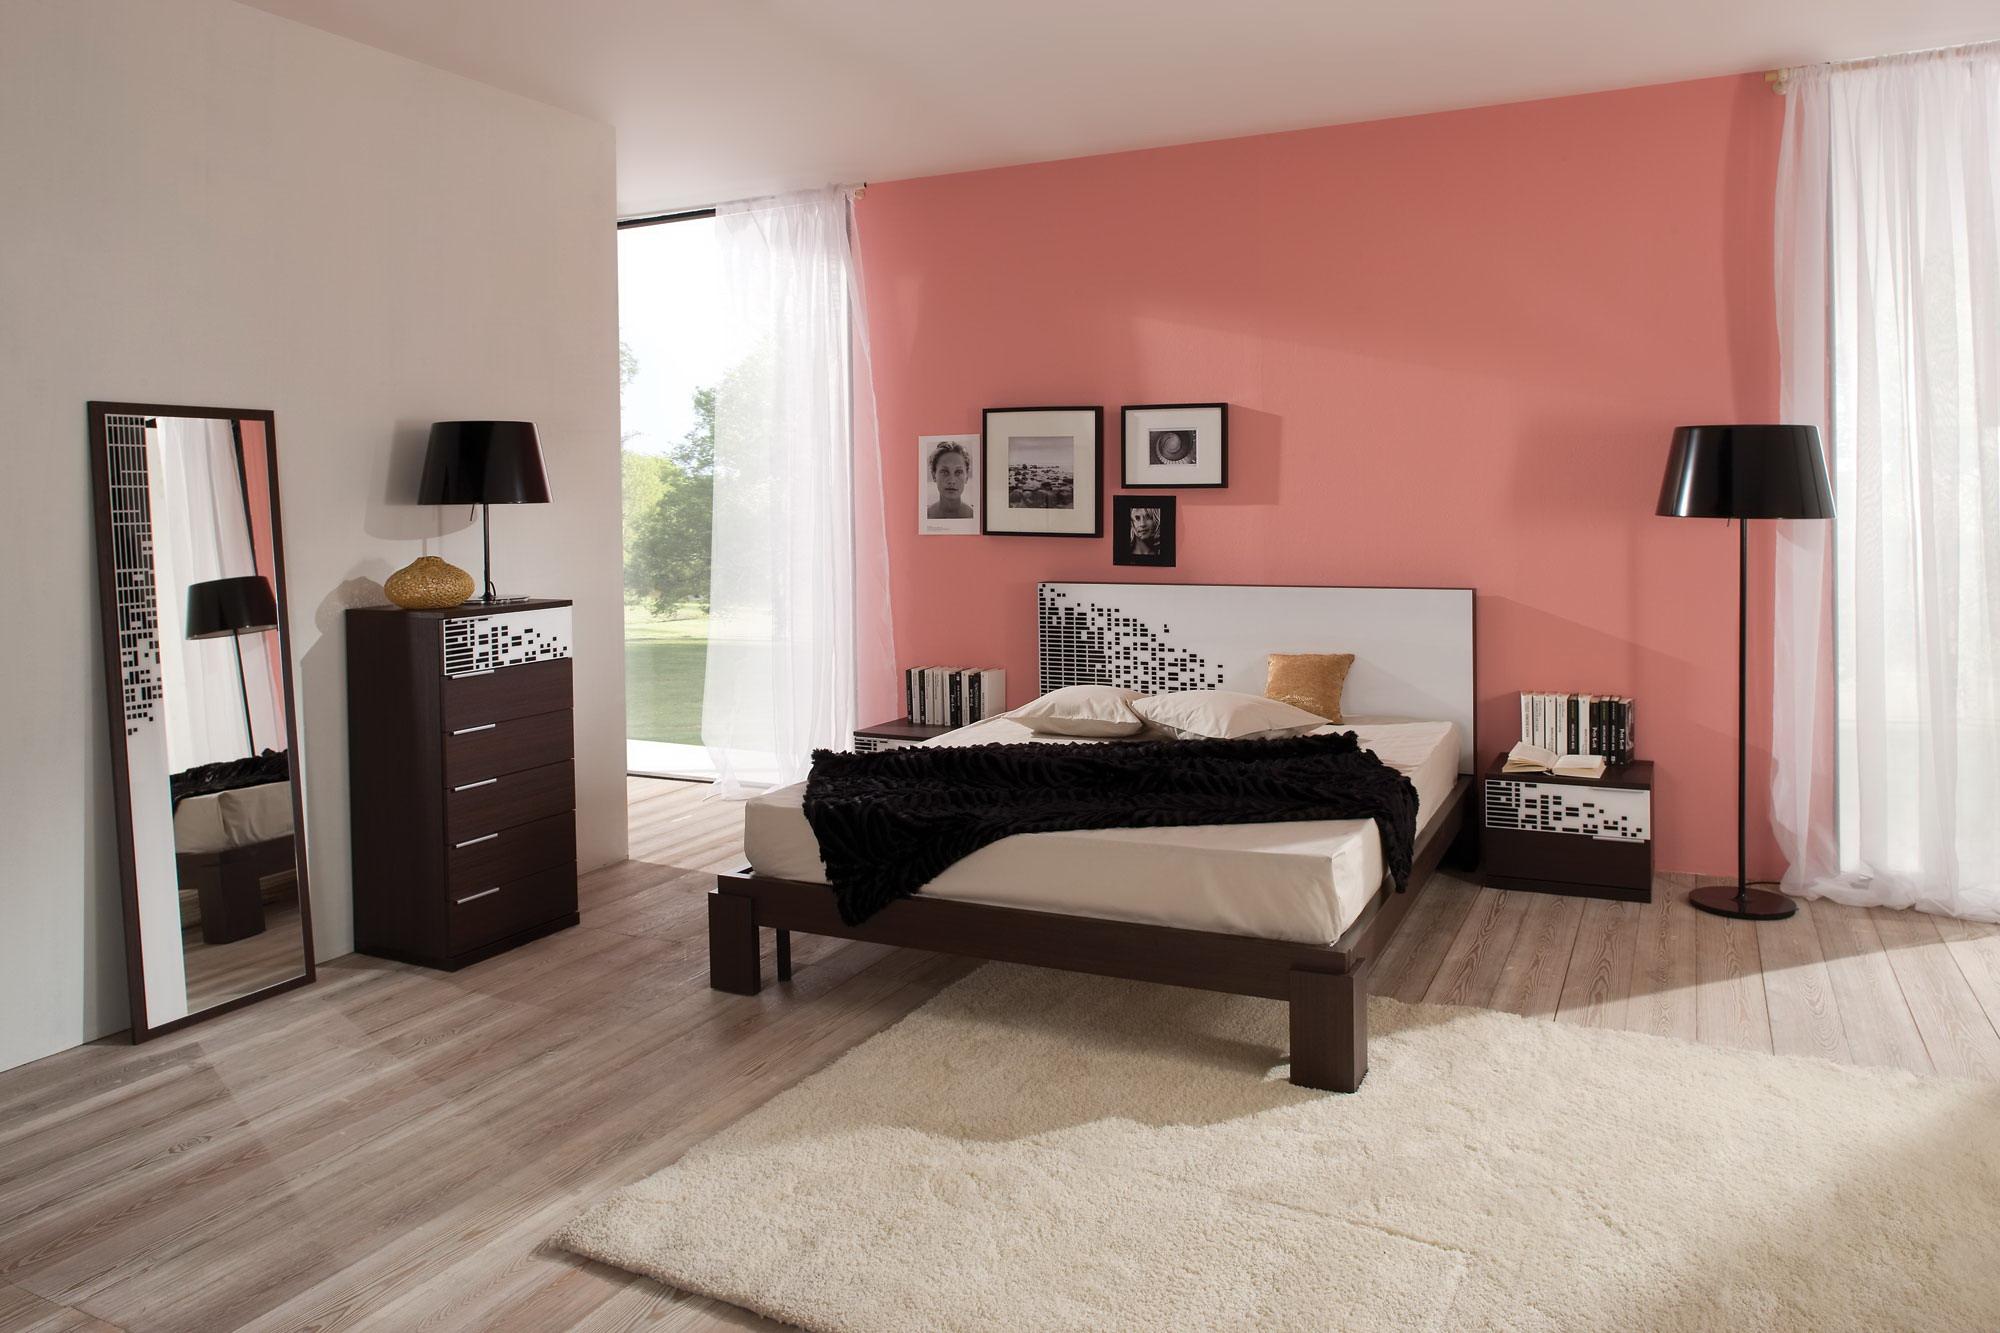 Коралловая стена за кроватью в спальне